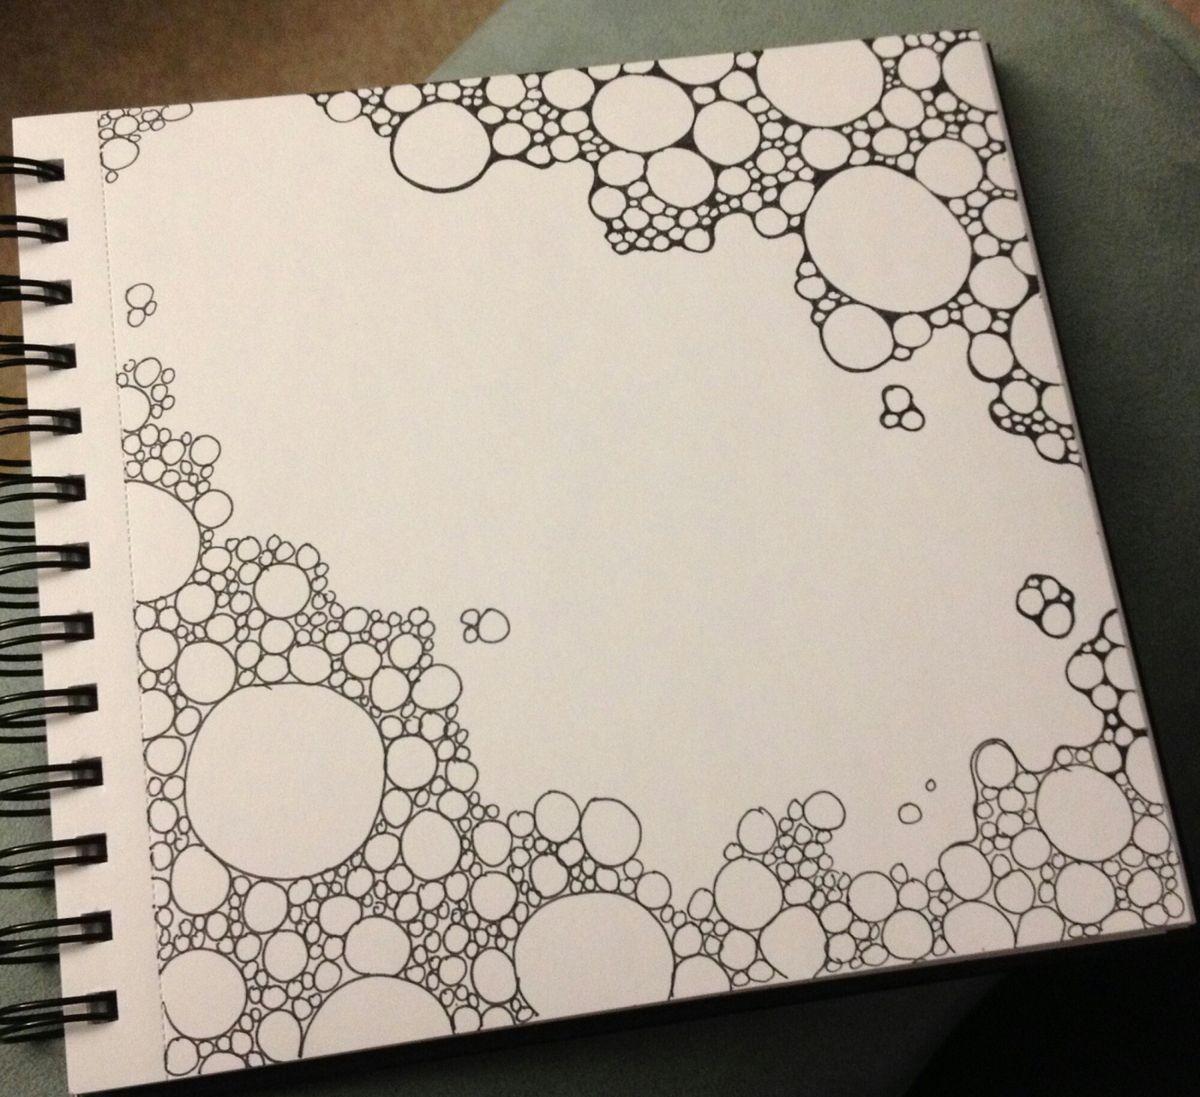 Progress Shots Of A Gravel Doodle